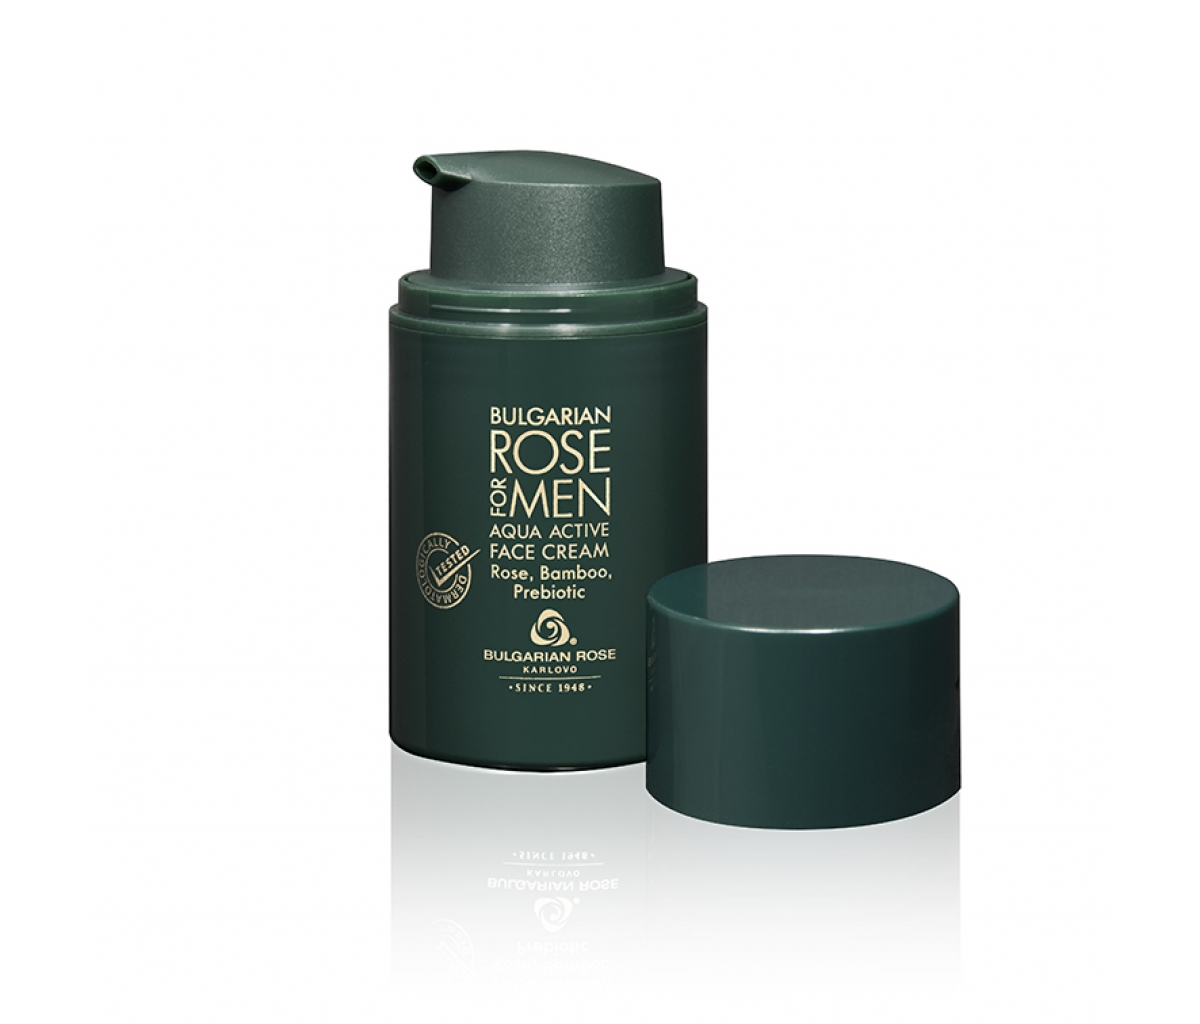 Aqua Active Face Cream Bulgarian Rose for Men